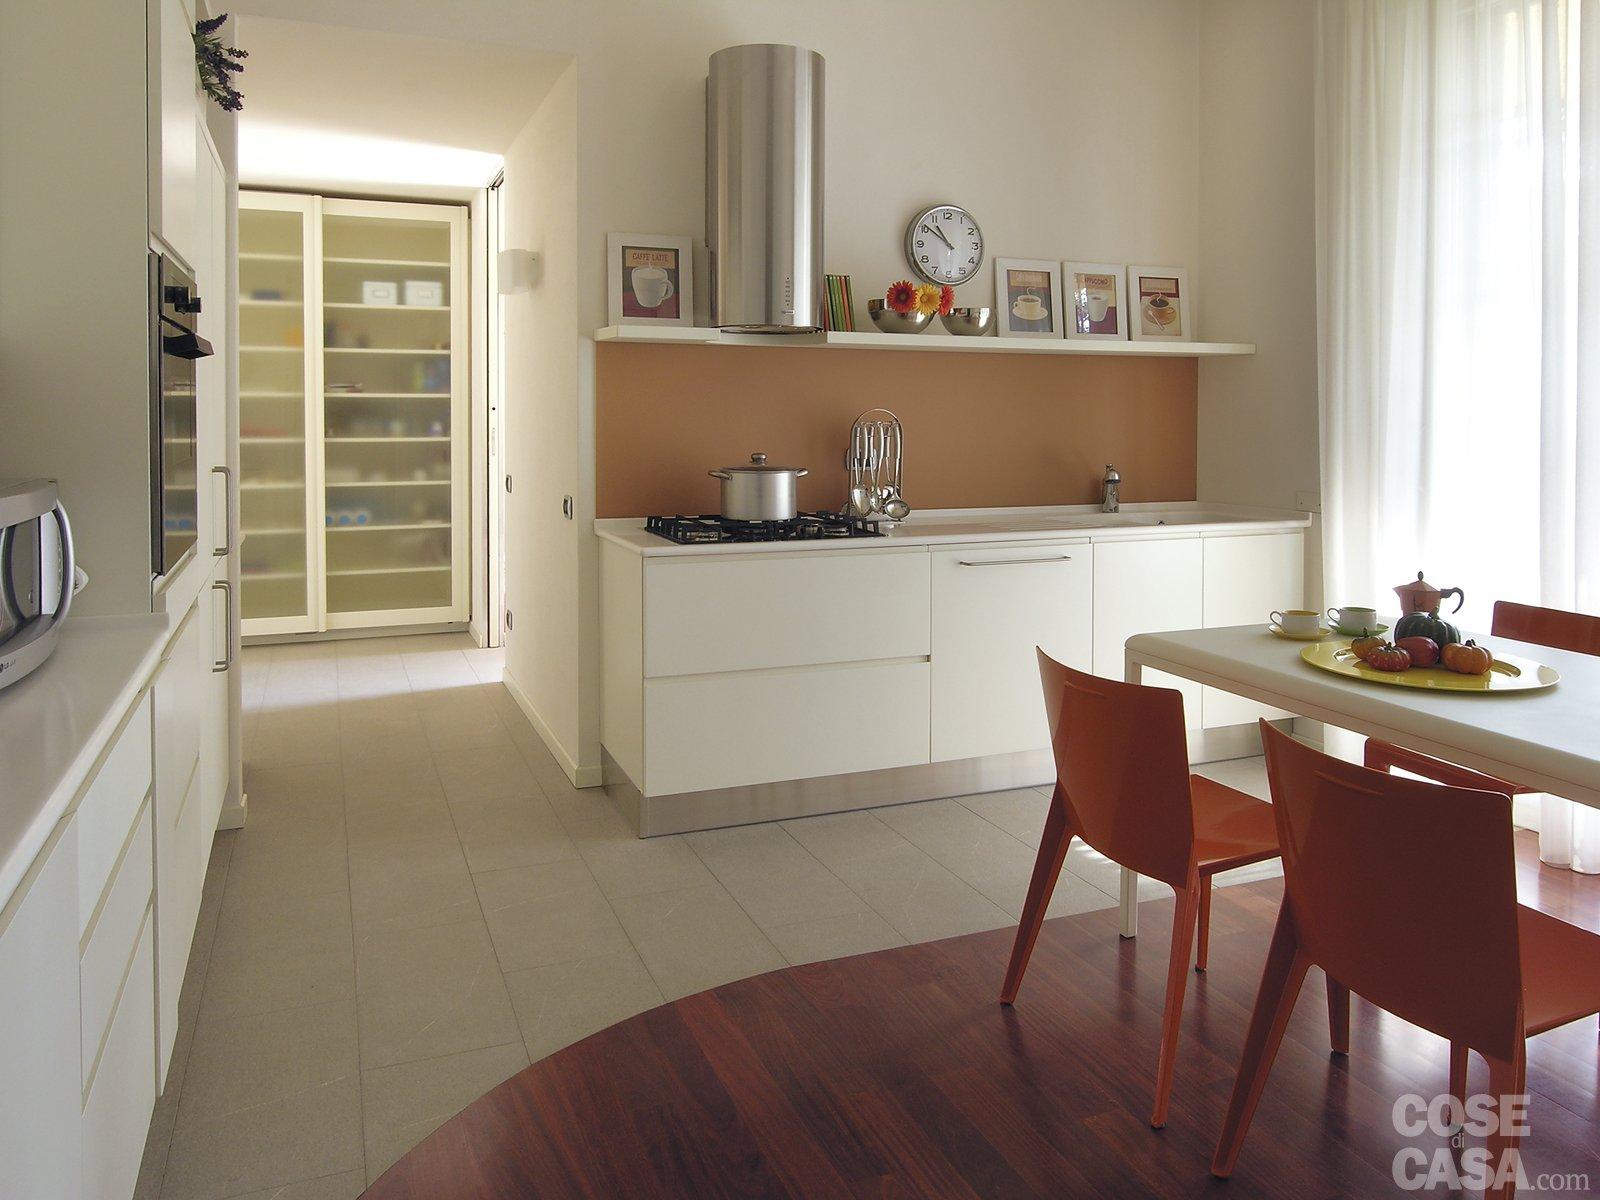 Una casa con tante idee da copiare cose di casa - Idee per ingressi casa ...